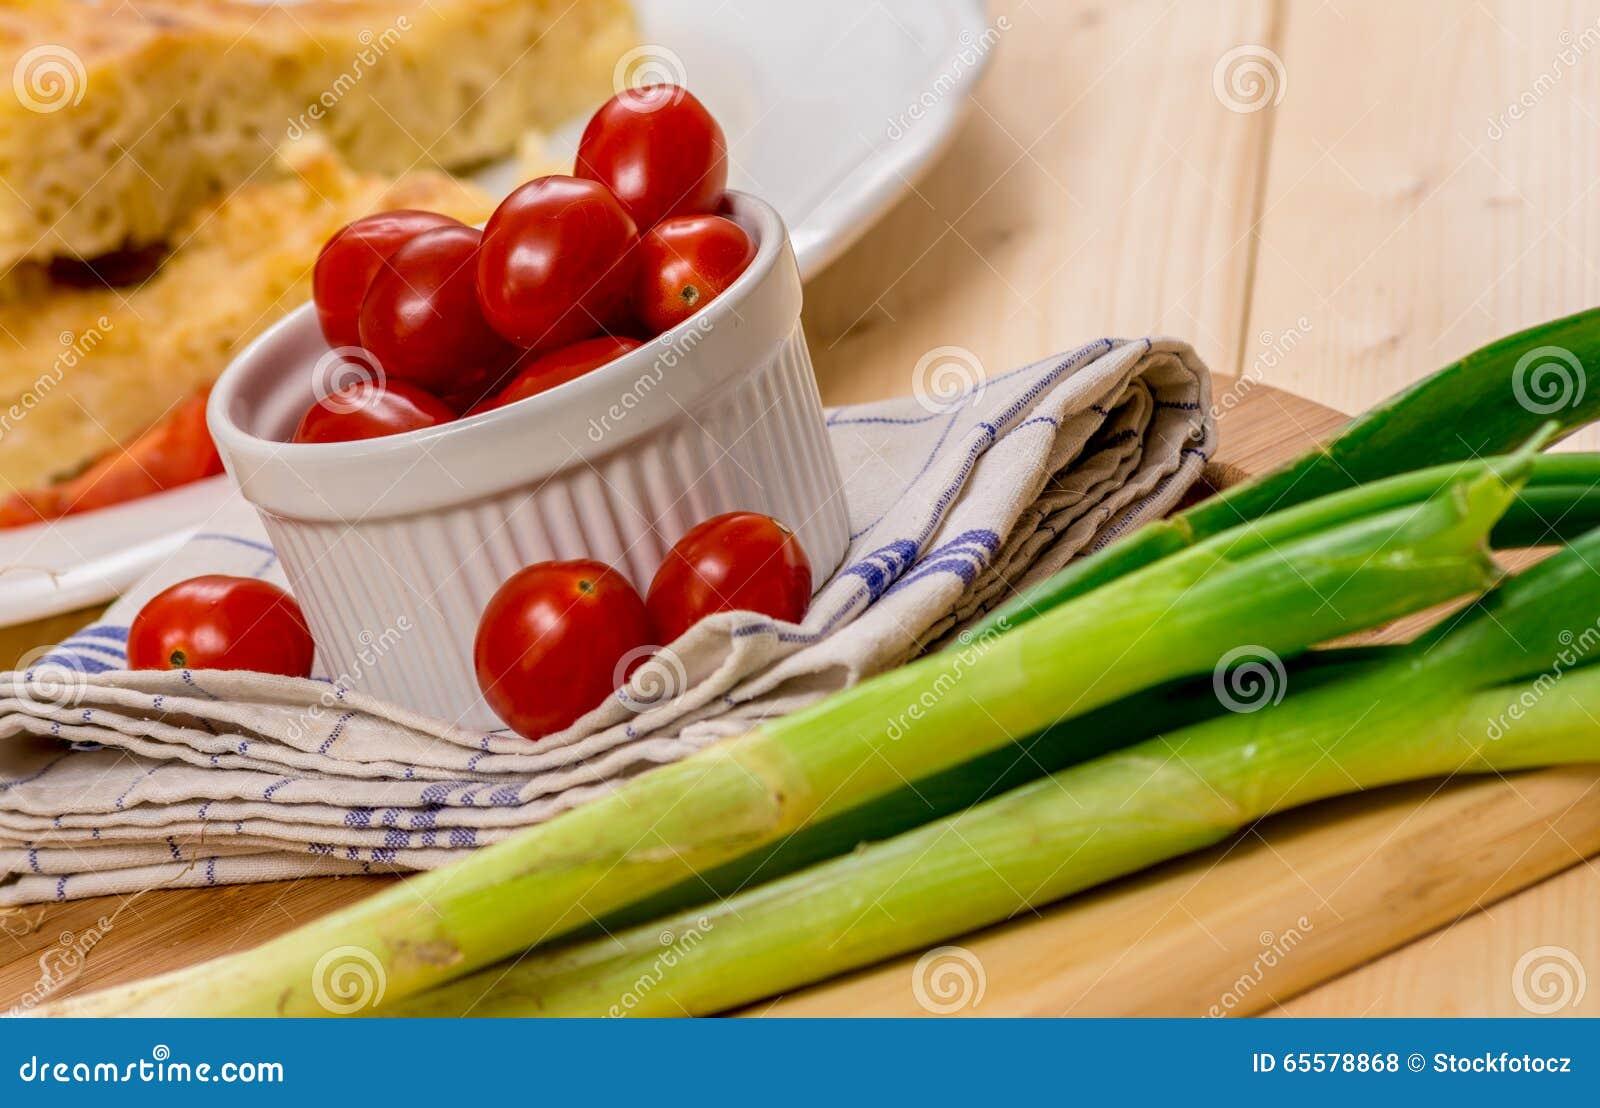 Tomate de cereja na tabela